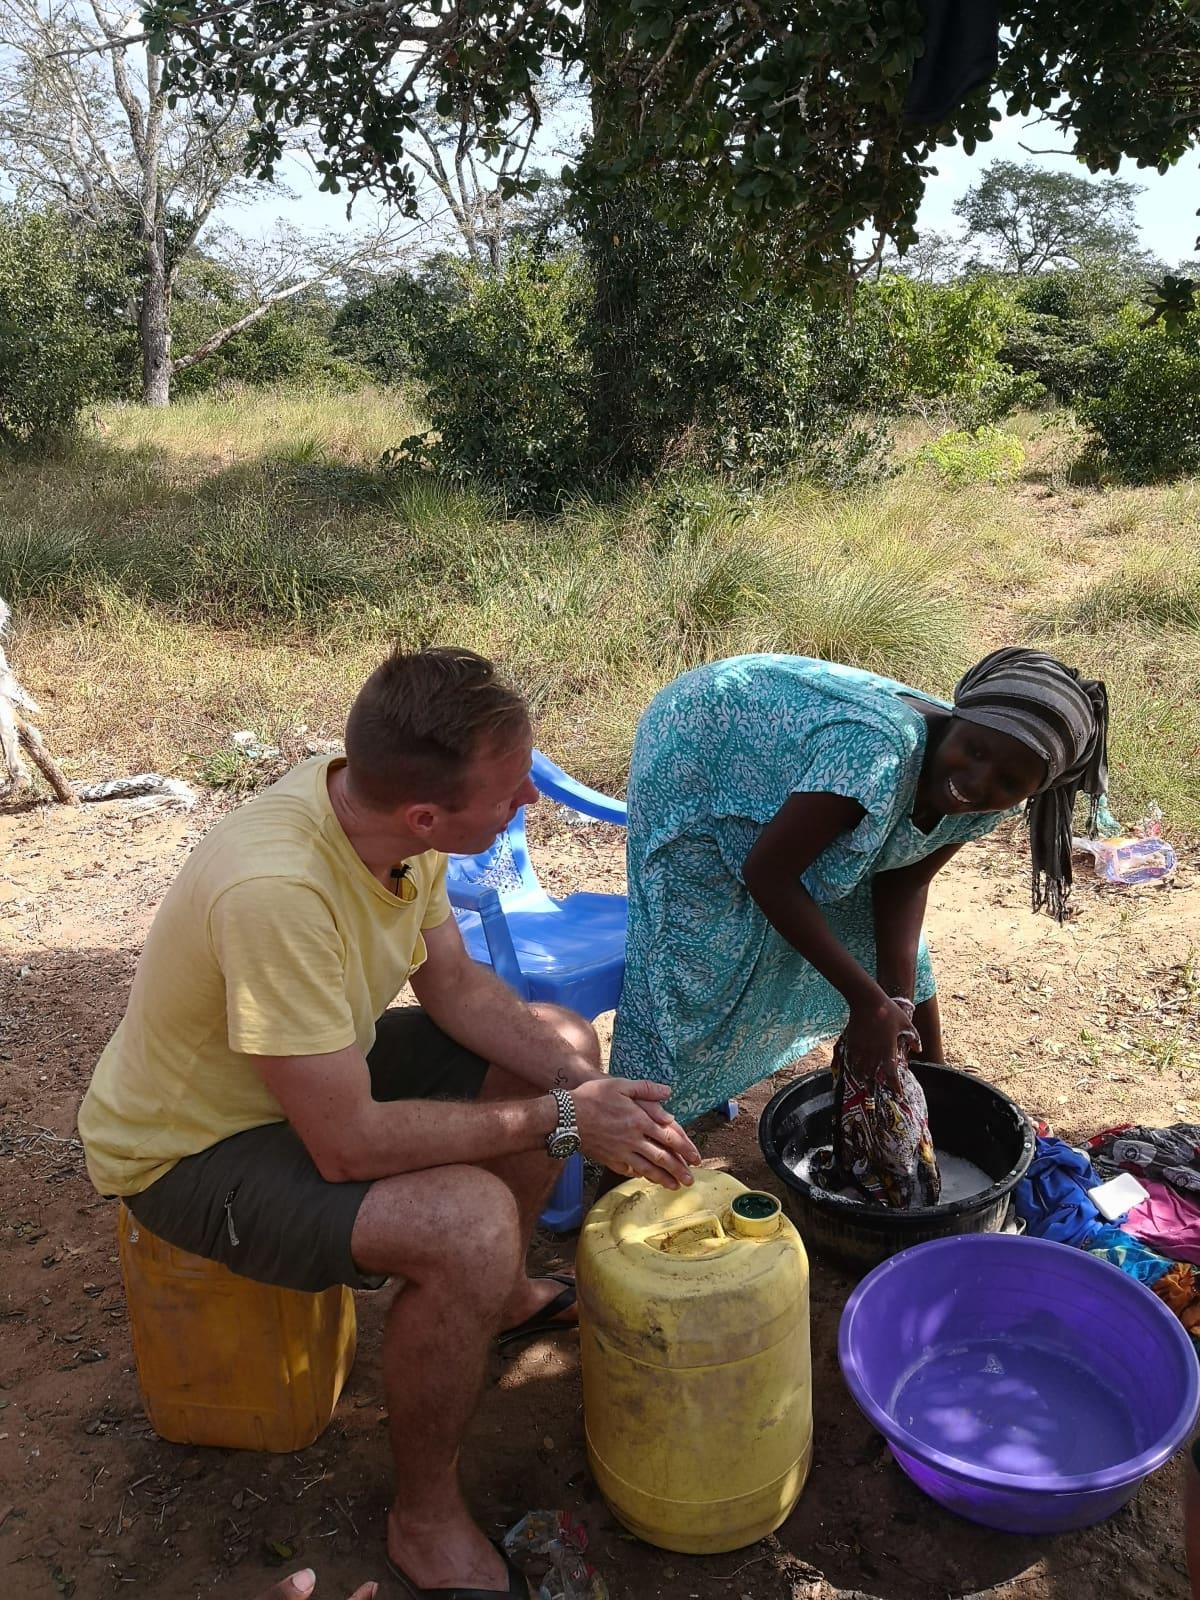 Waata-tyttö Mary pesee pyykkiä ja kertoo elämästään Mikko Kekäläiselle.